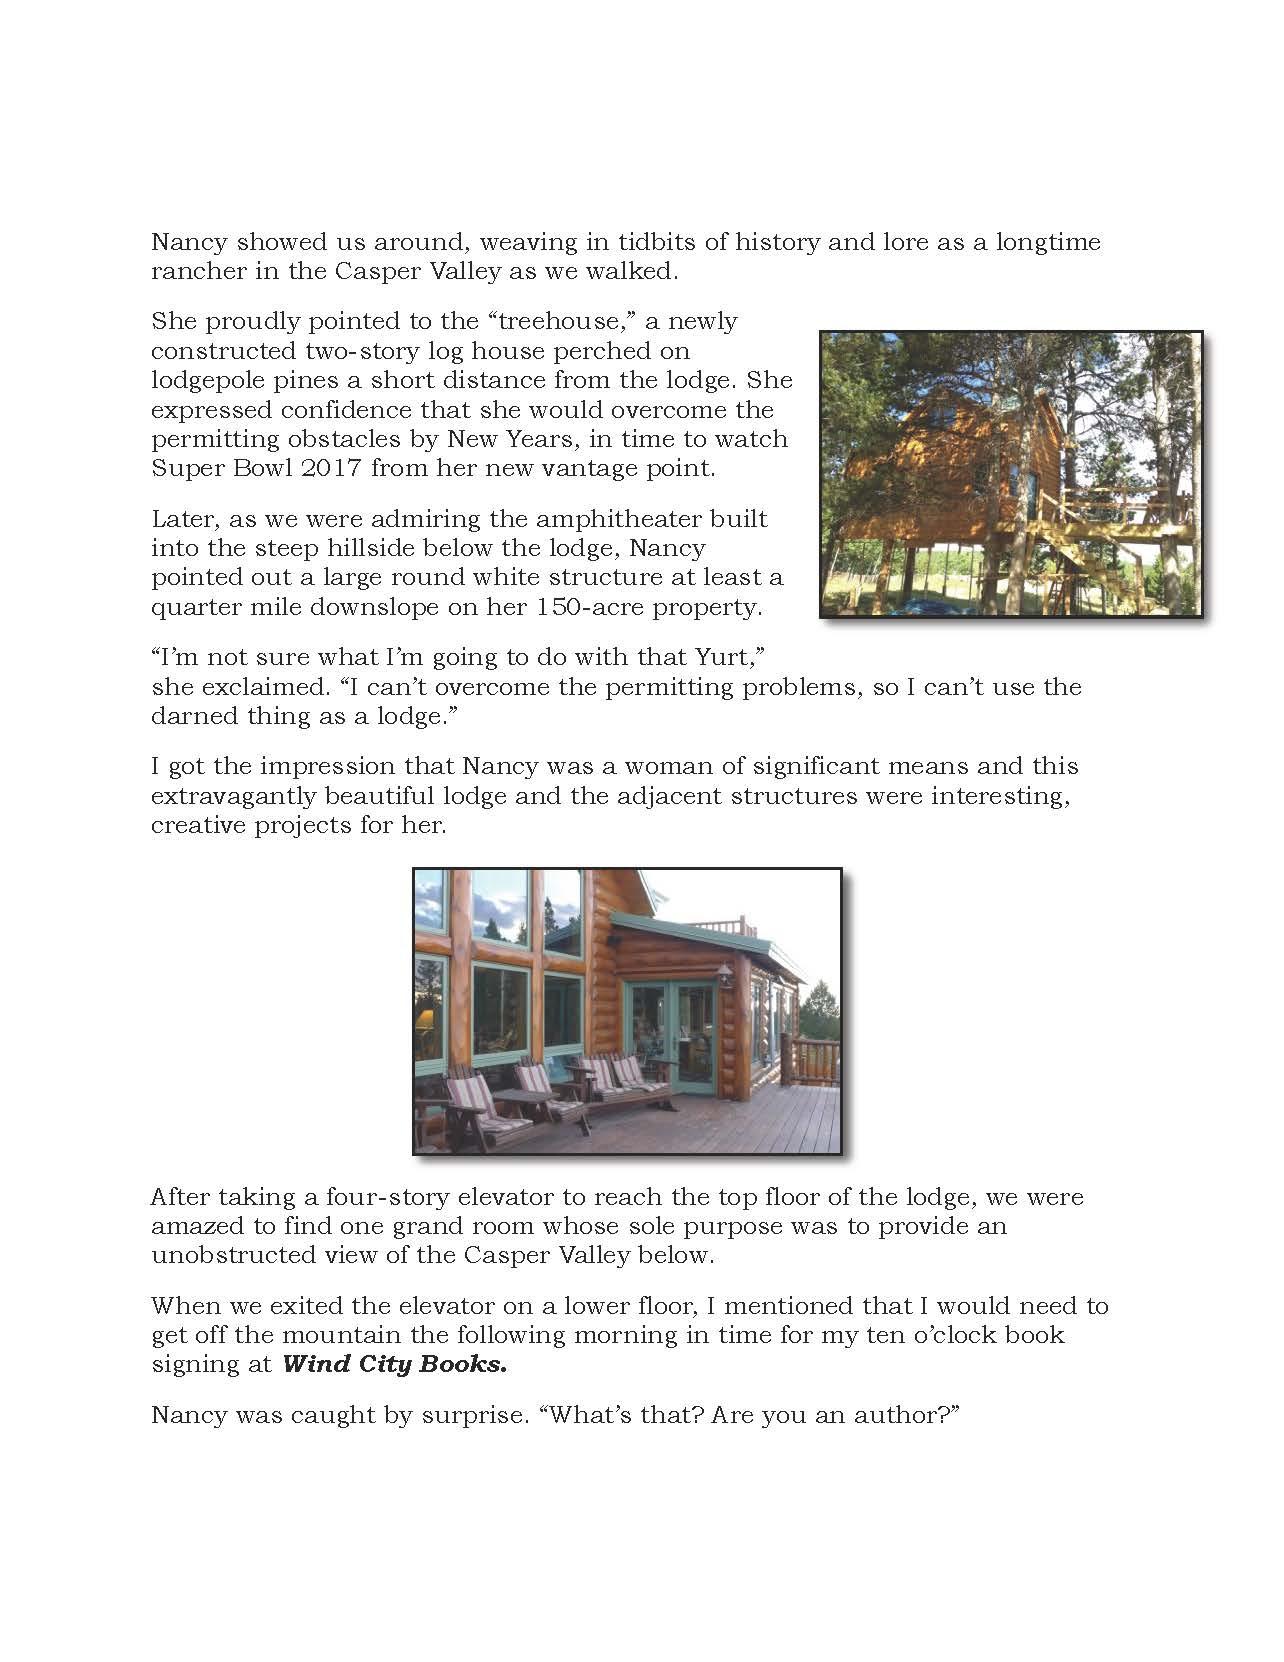 wyoming-book-tour-master-rev-10-23-16-1_page_07